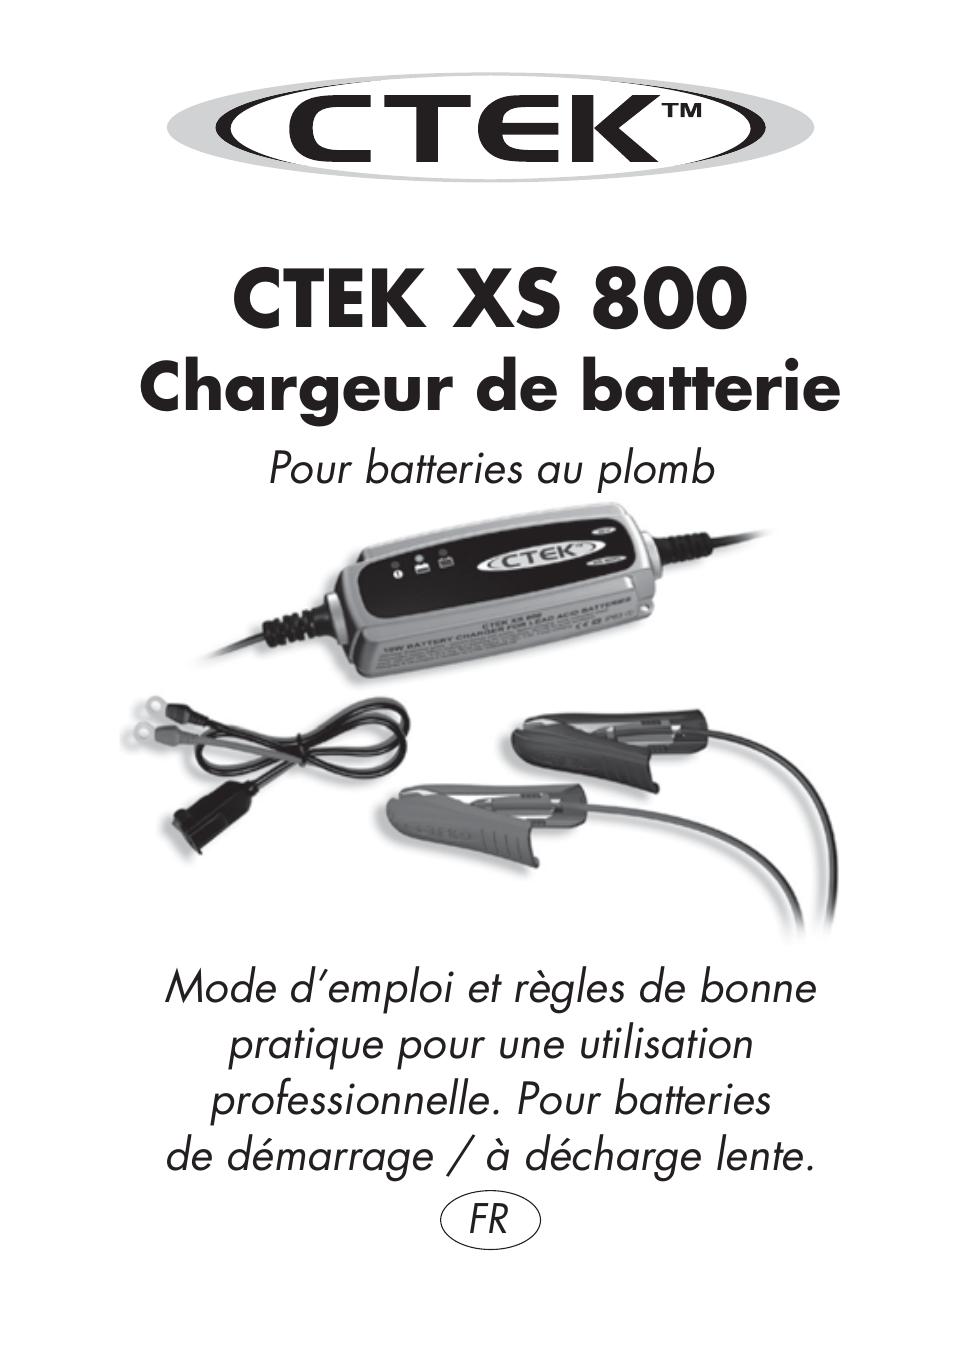 Ctek xs 800 manuel d 39 utilisation pages 7 - Cookeo mode d emploi ...